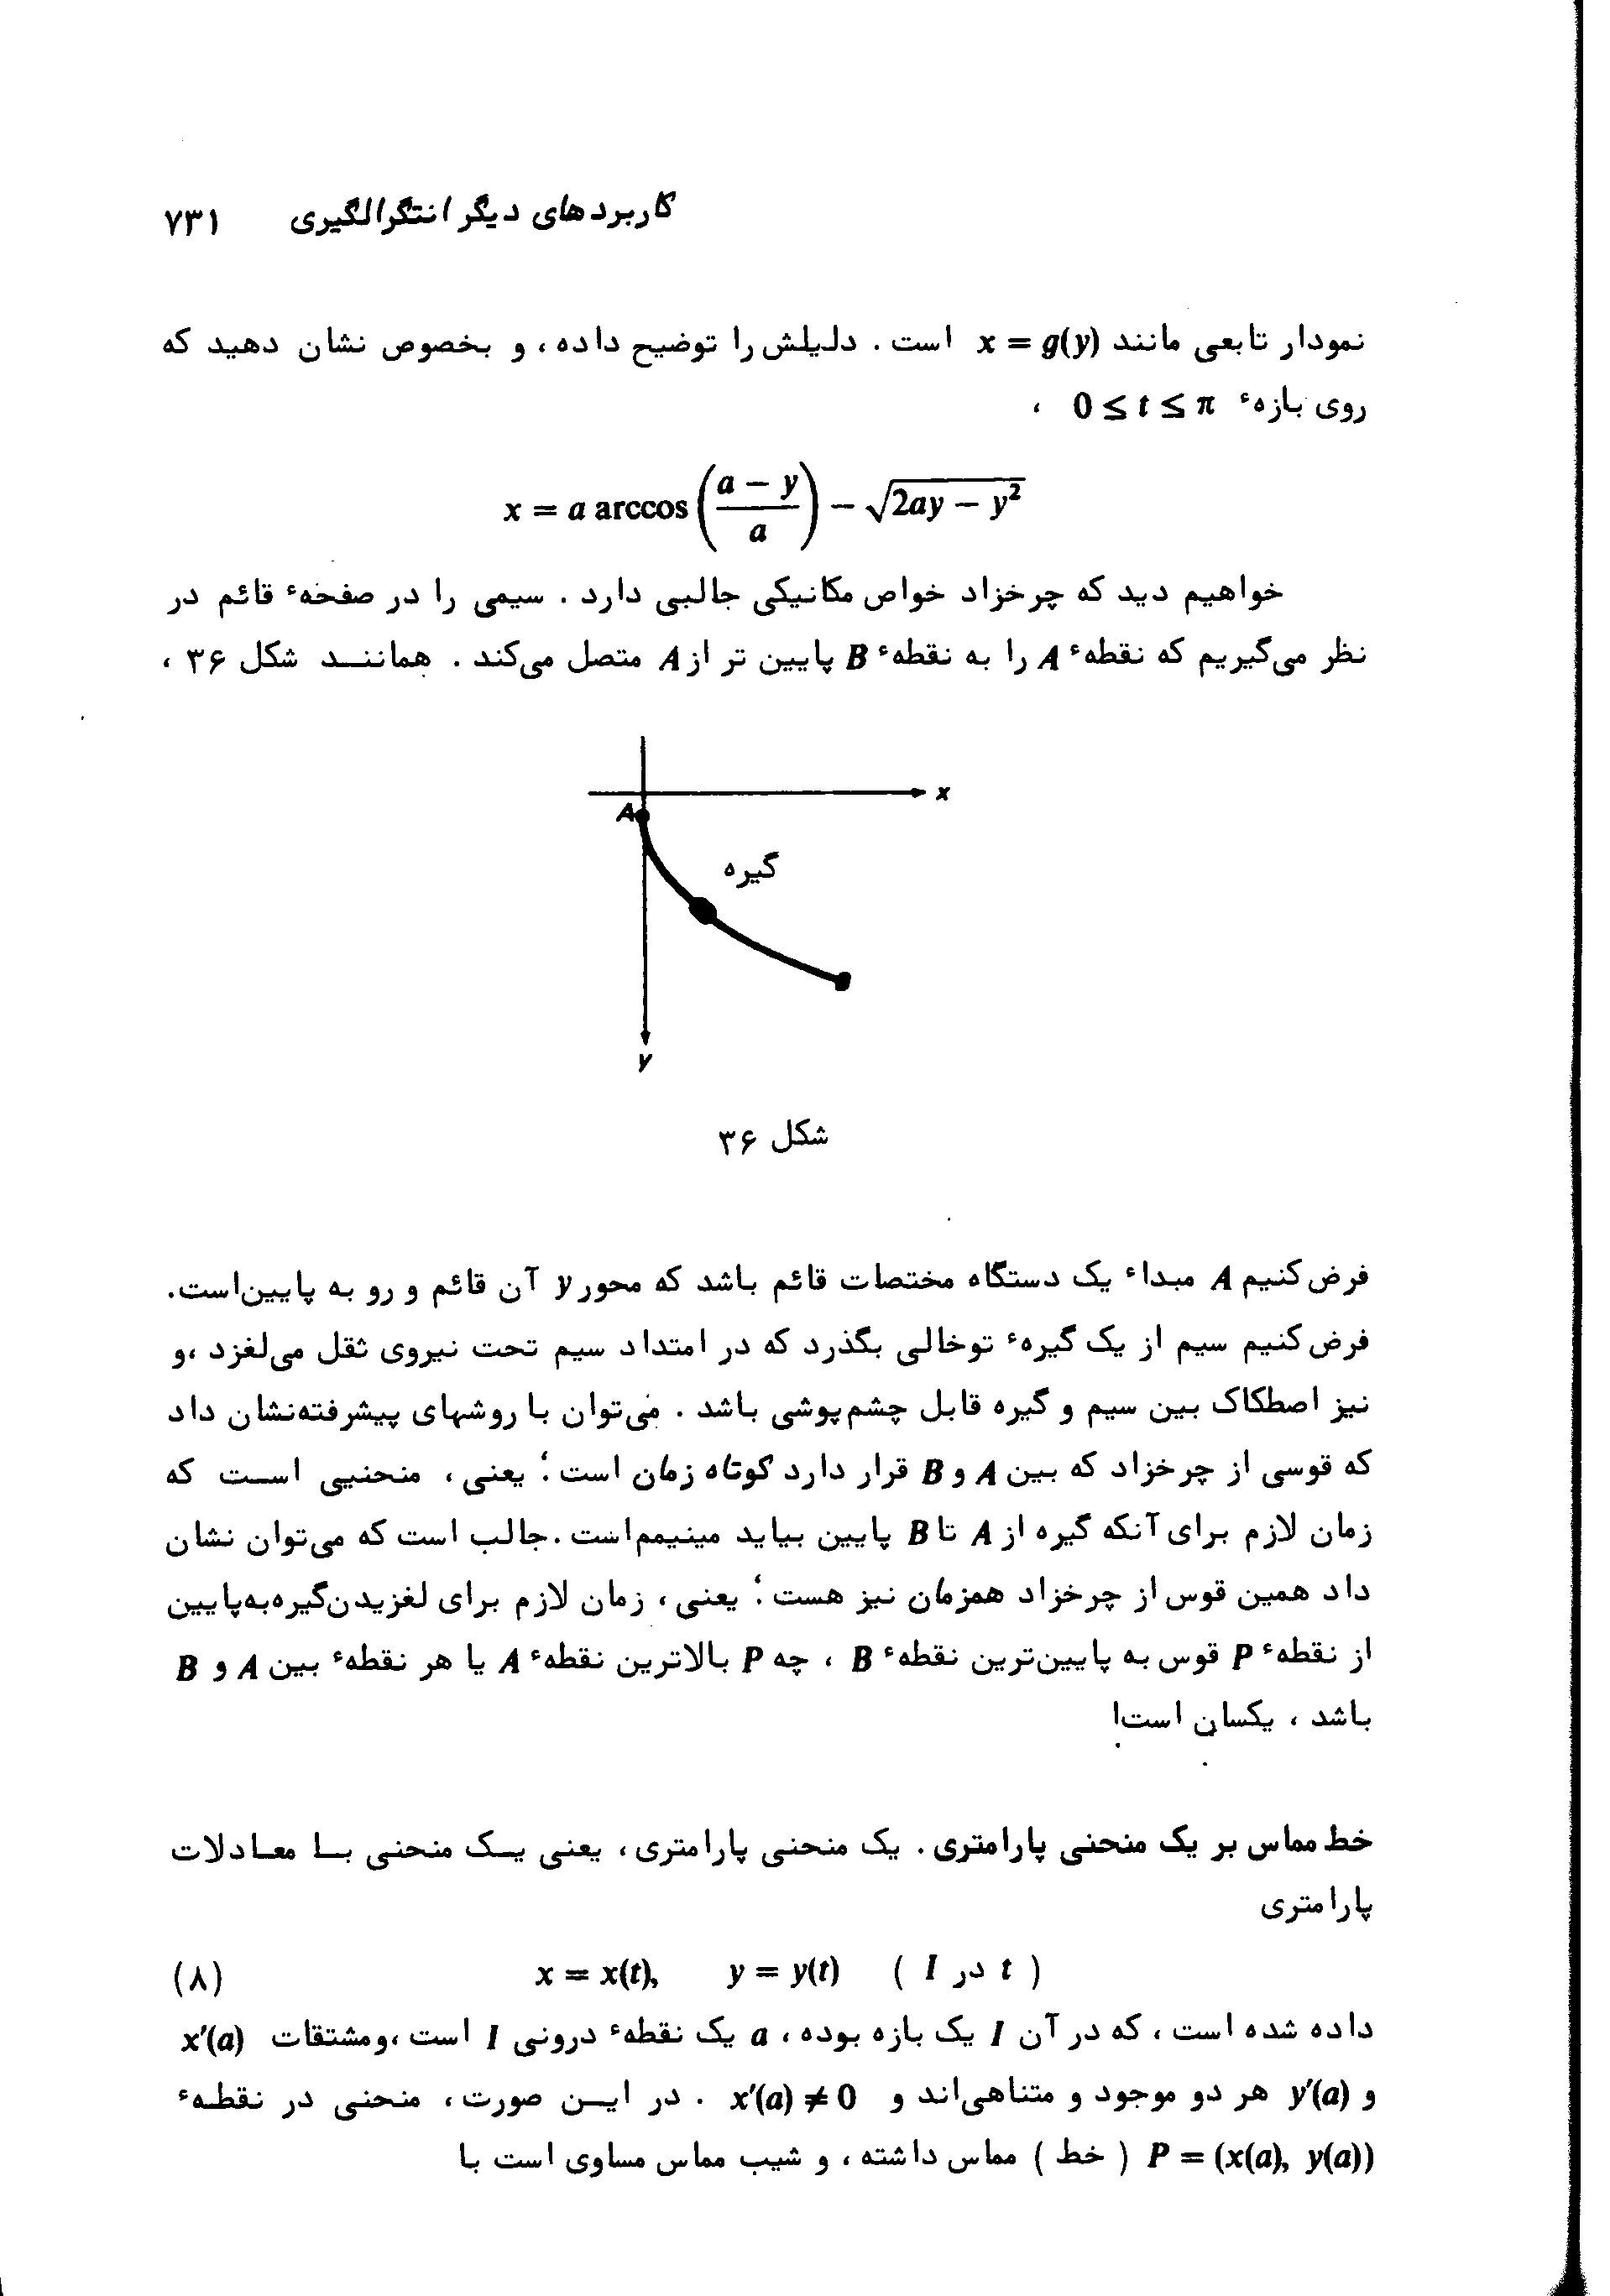 حل المسائل ریاضی سیلورمن جلد 2